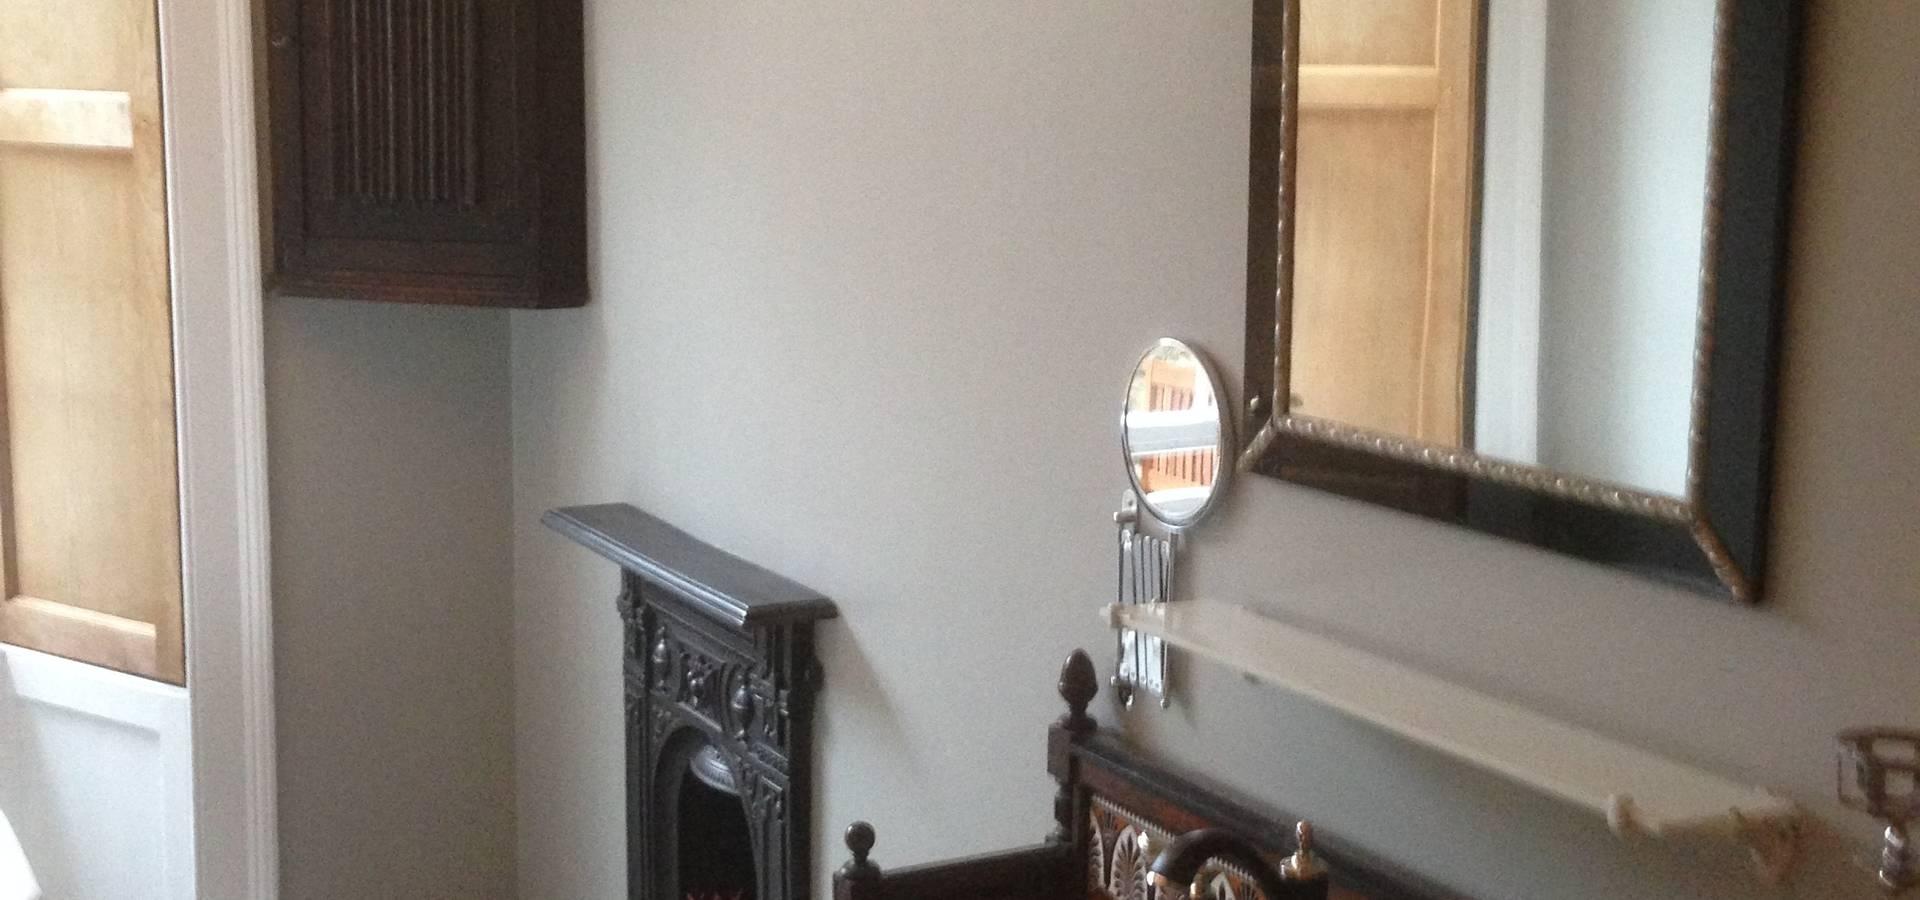 Serenity bathrooms dise adores de ba os en edinburgh homify for Disenadores de banos